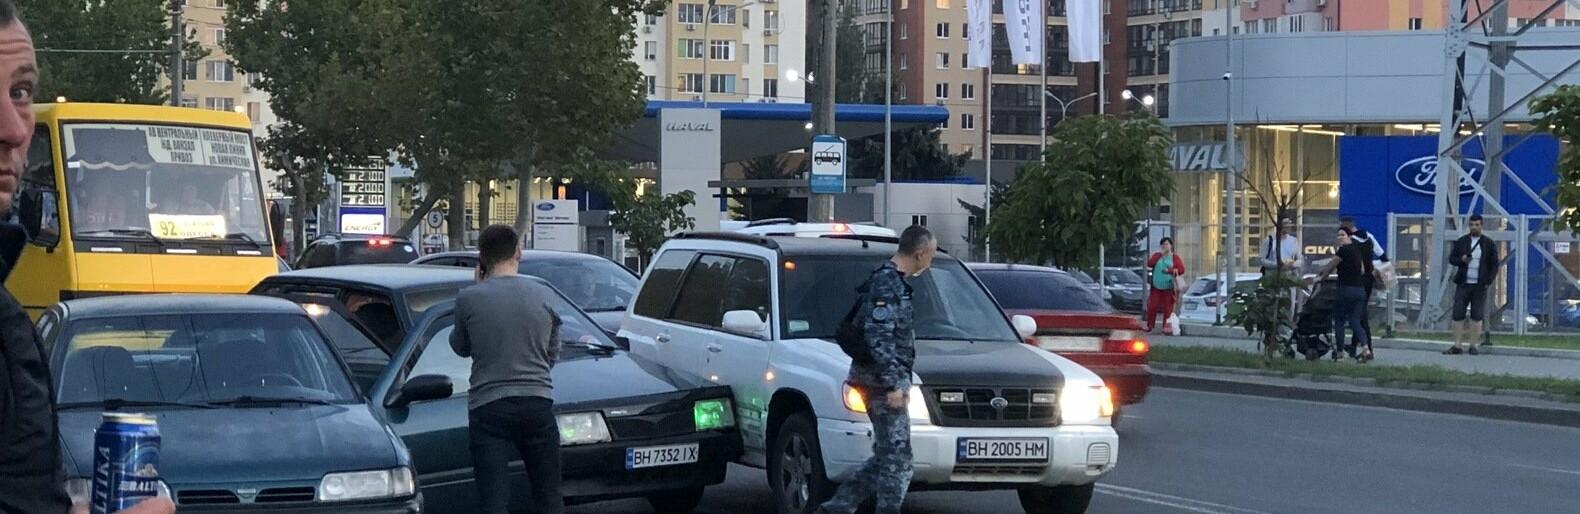 В Одессе из-за ДТП осложнено движение по Грушевского, - ФОТО0